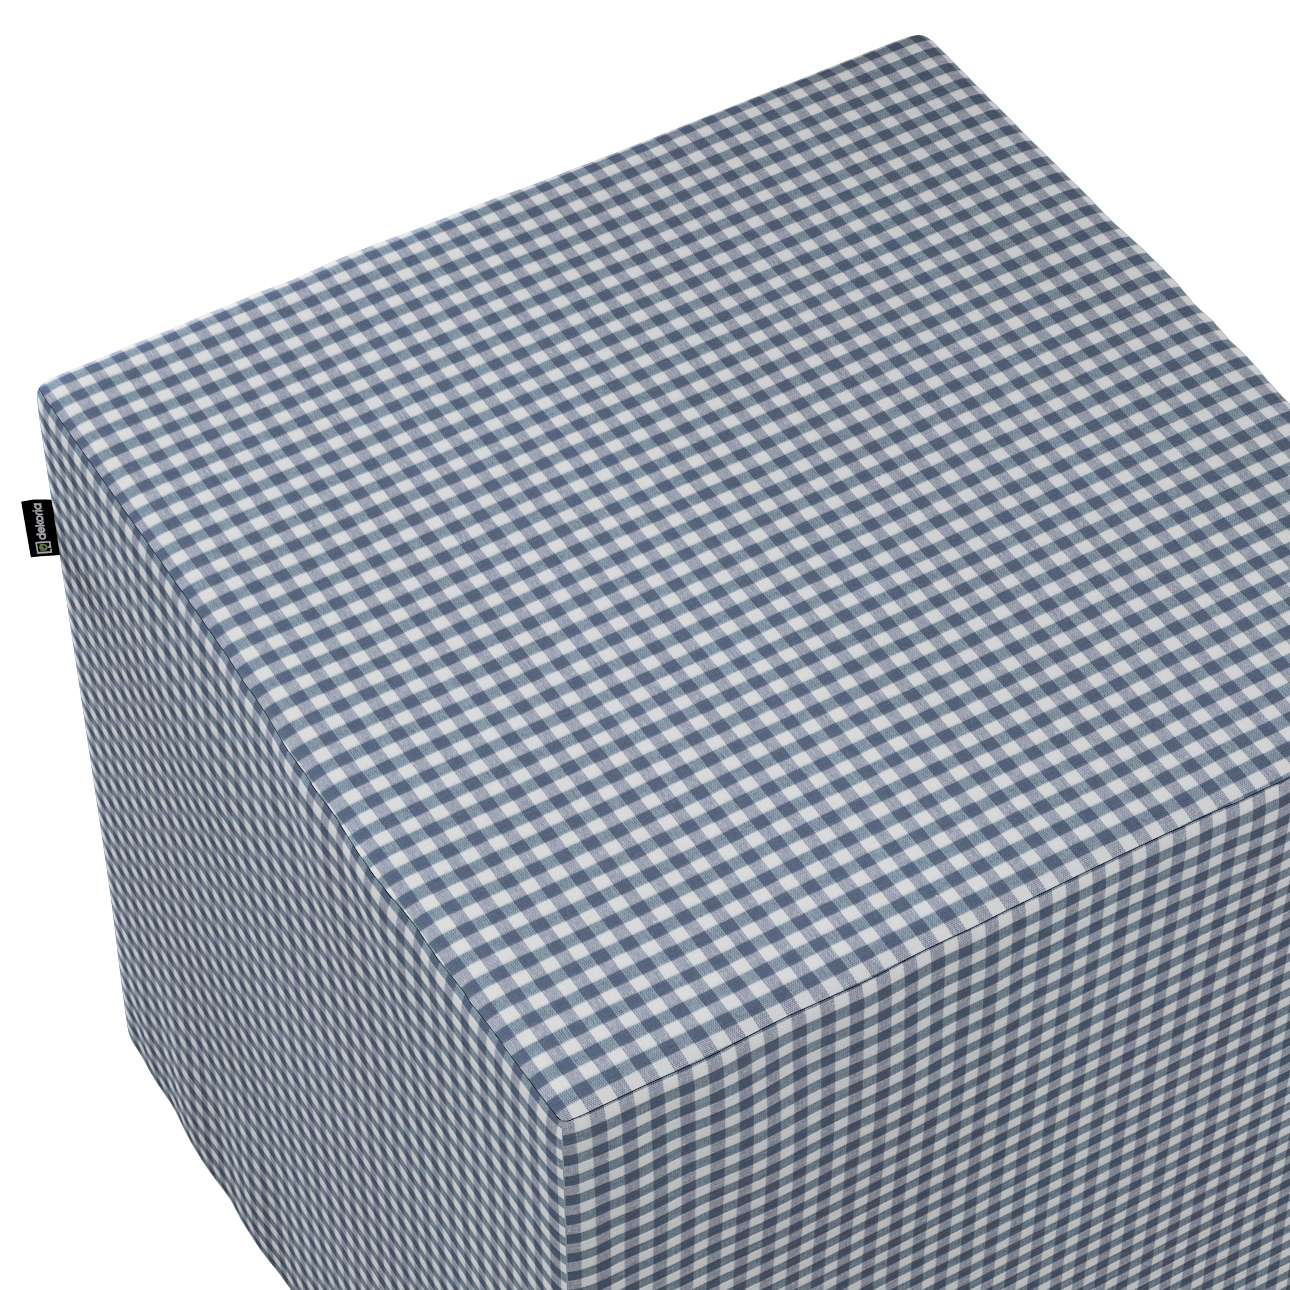 Sitzwürfel von der Kollektion Quadro, Stoff: 136-00